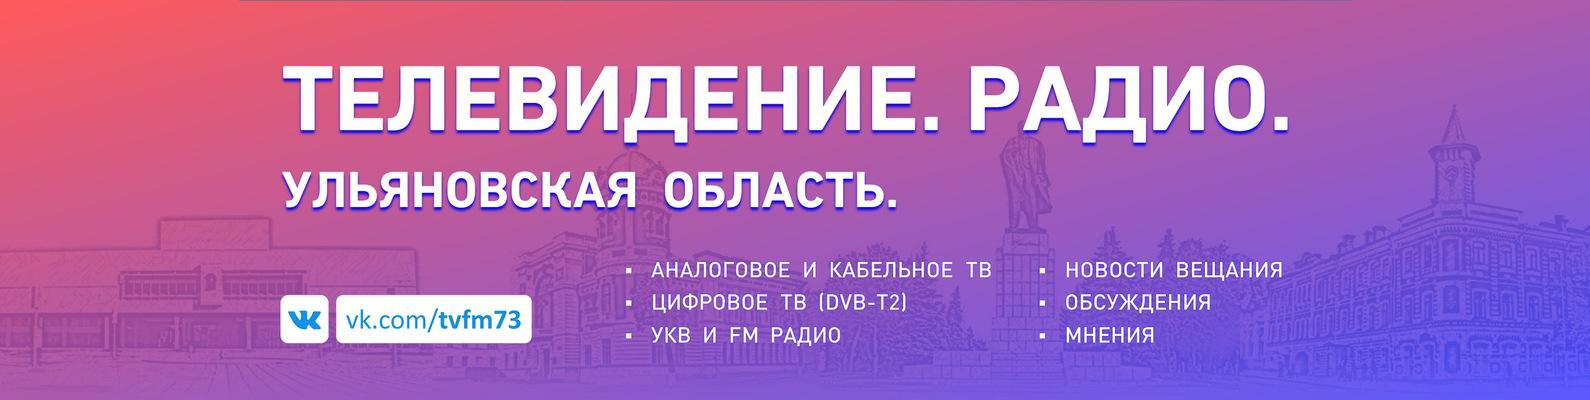 Радио барыш дать объявление работа в белгороде для студентов свежие вакансии